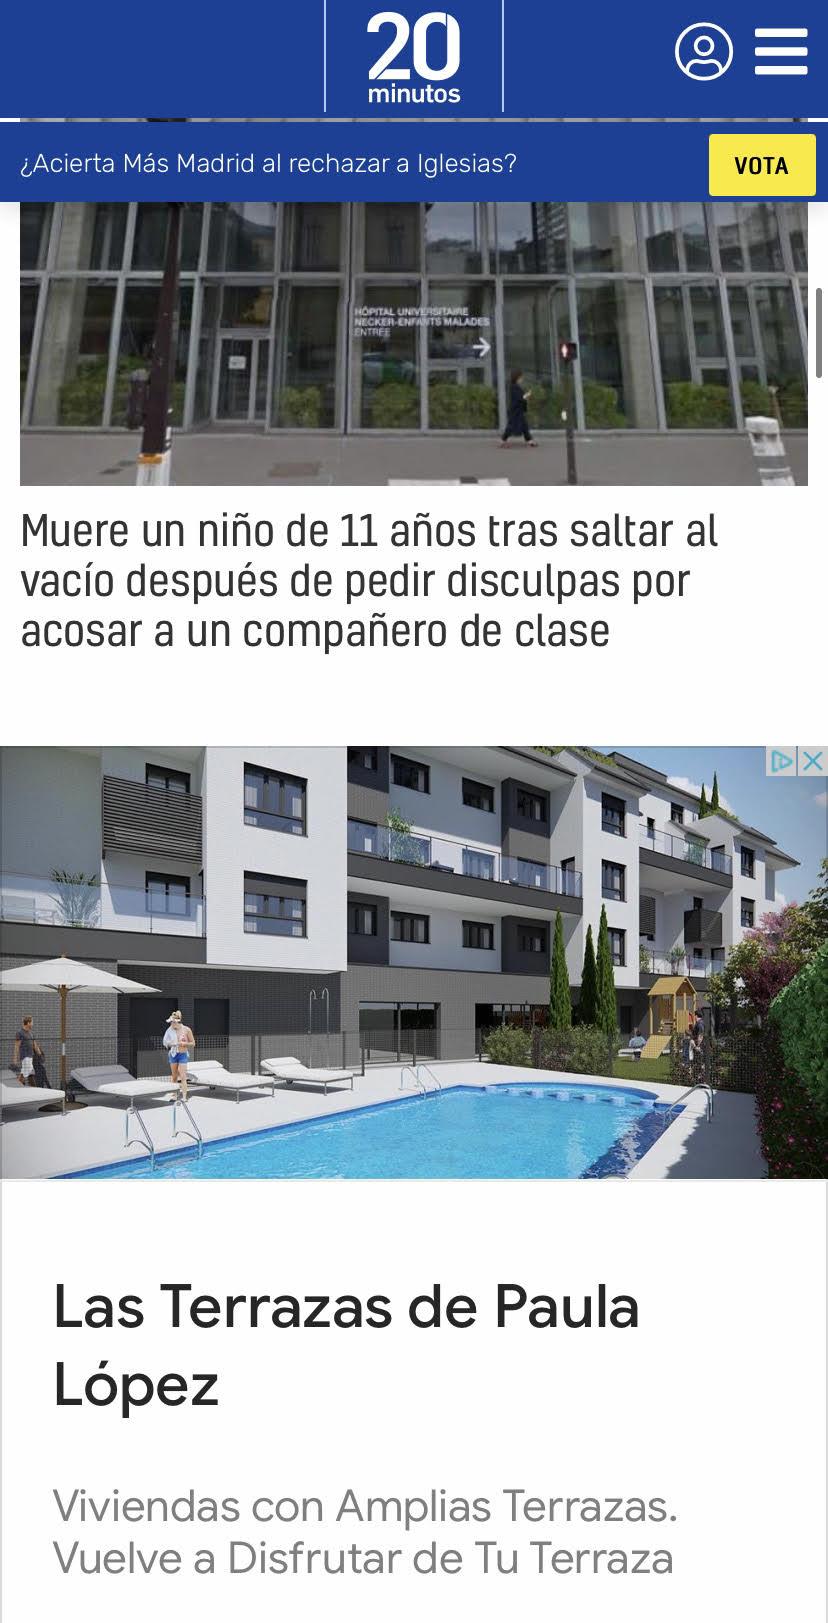 Las terrazas de Paula